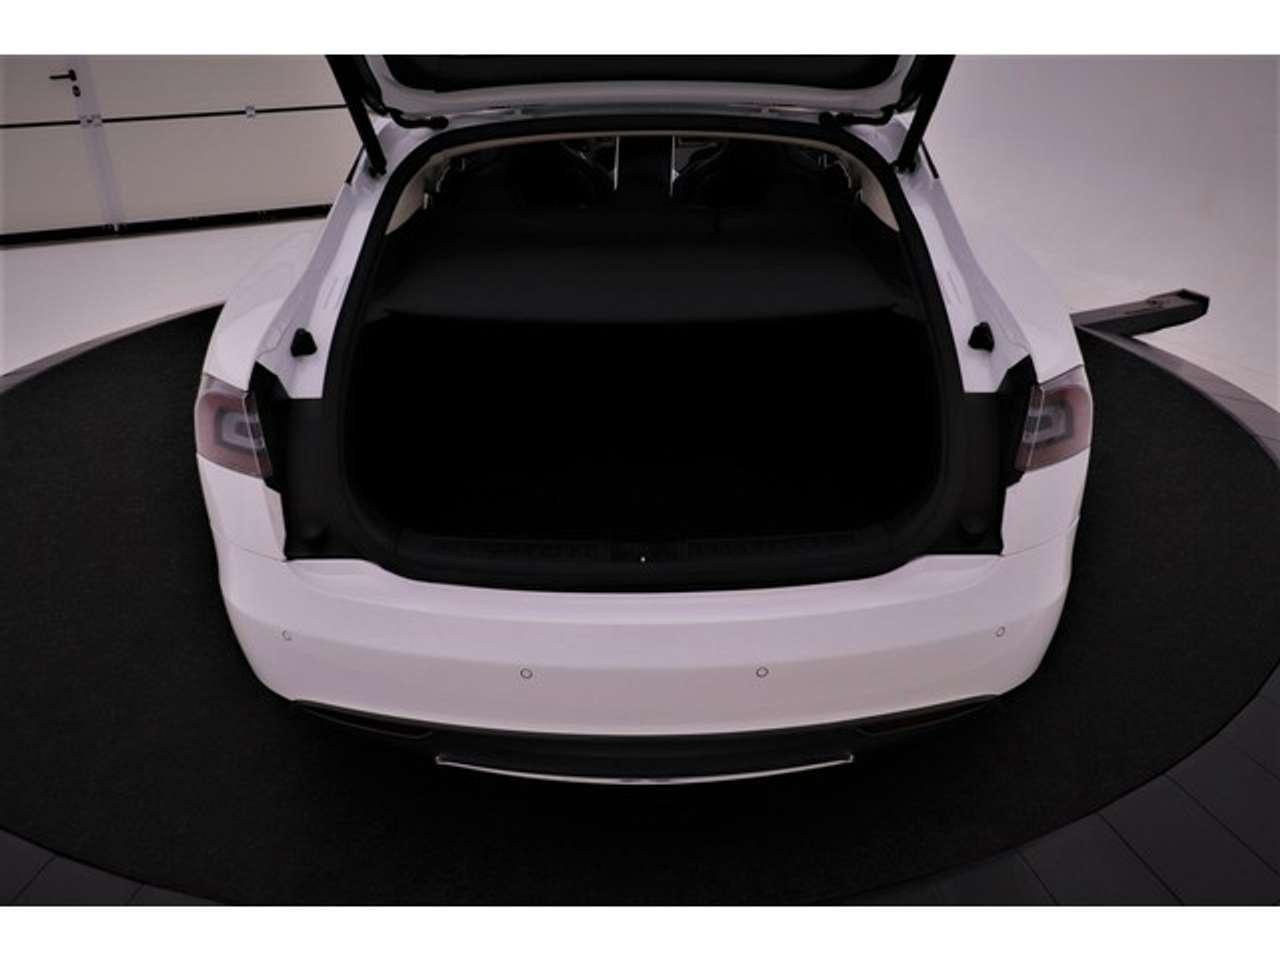 Goedkoopste Tesla kofferbak